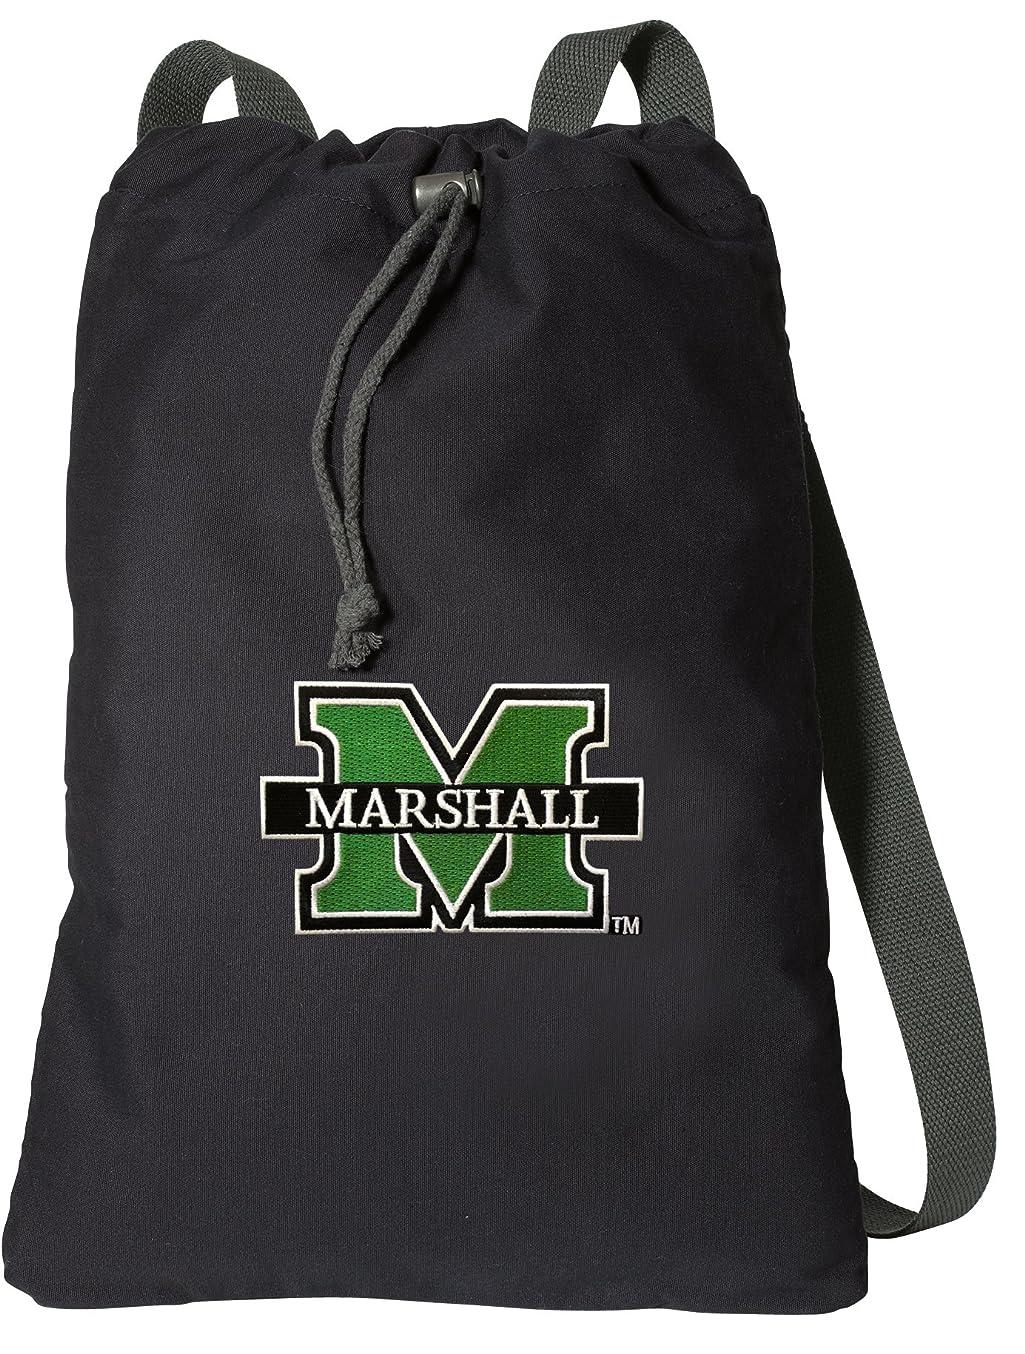 紳士犠牲対人マーシャル大学DrawstringバックパックリッチマーシャルCinchキャンバスバッグ